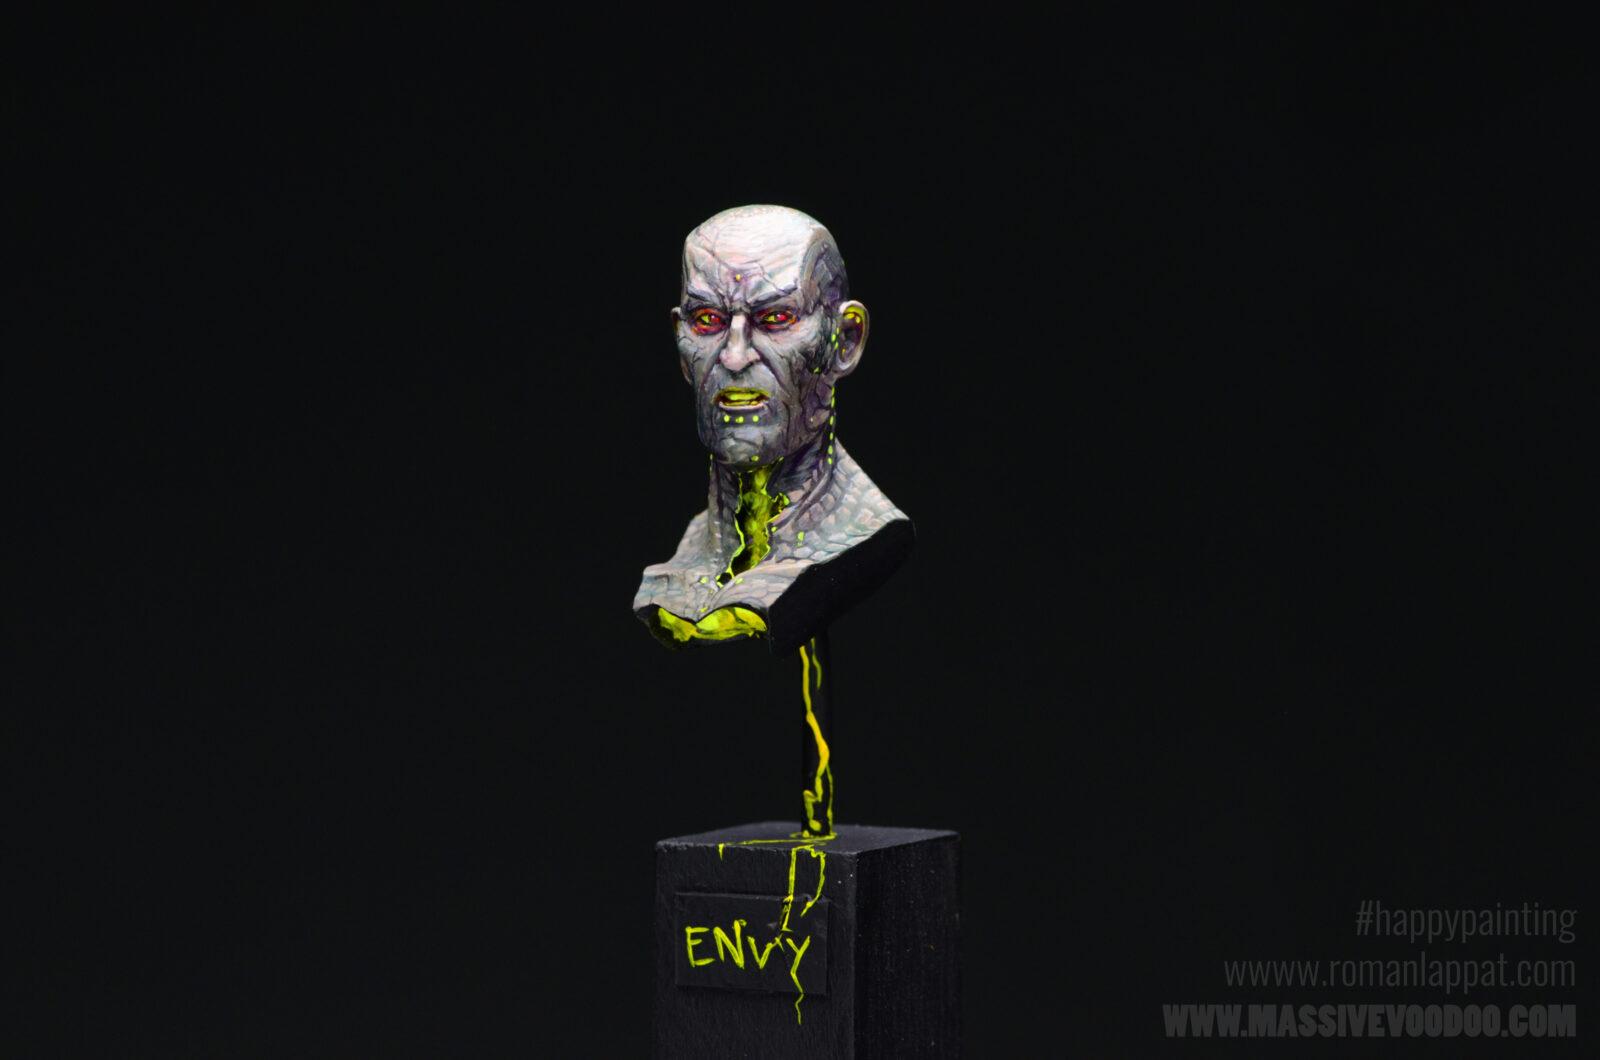 Envy12